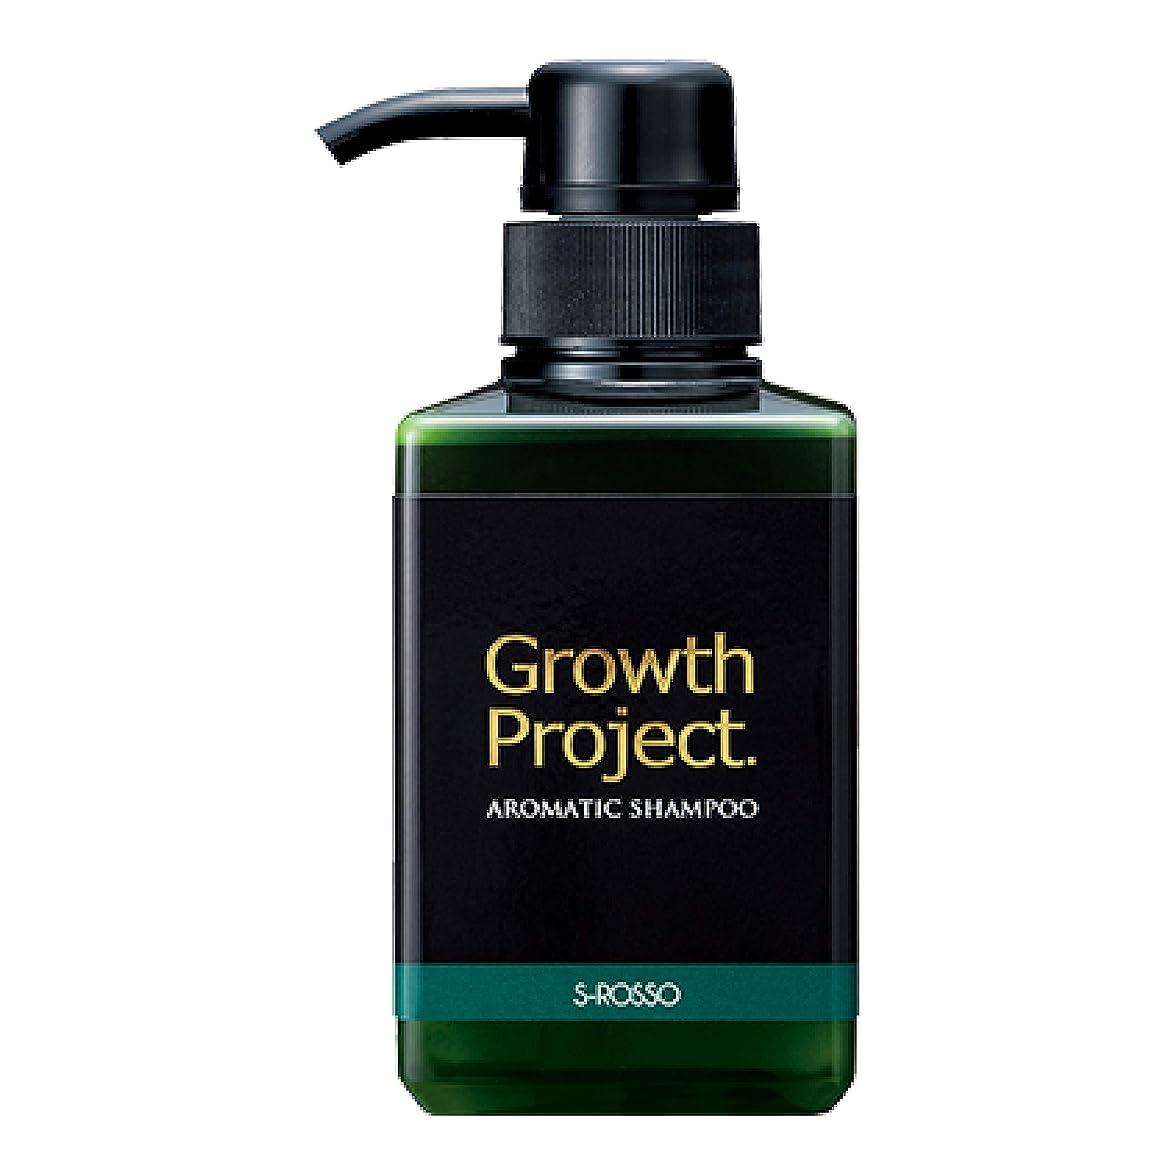 証明物理懐疑的Growth Project. アロマシャンプー 300ml